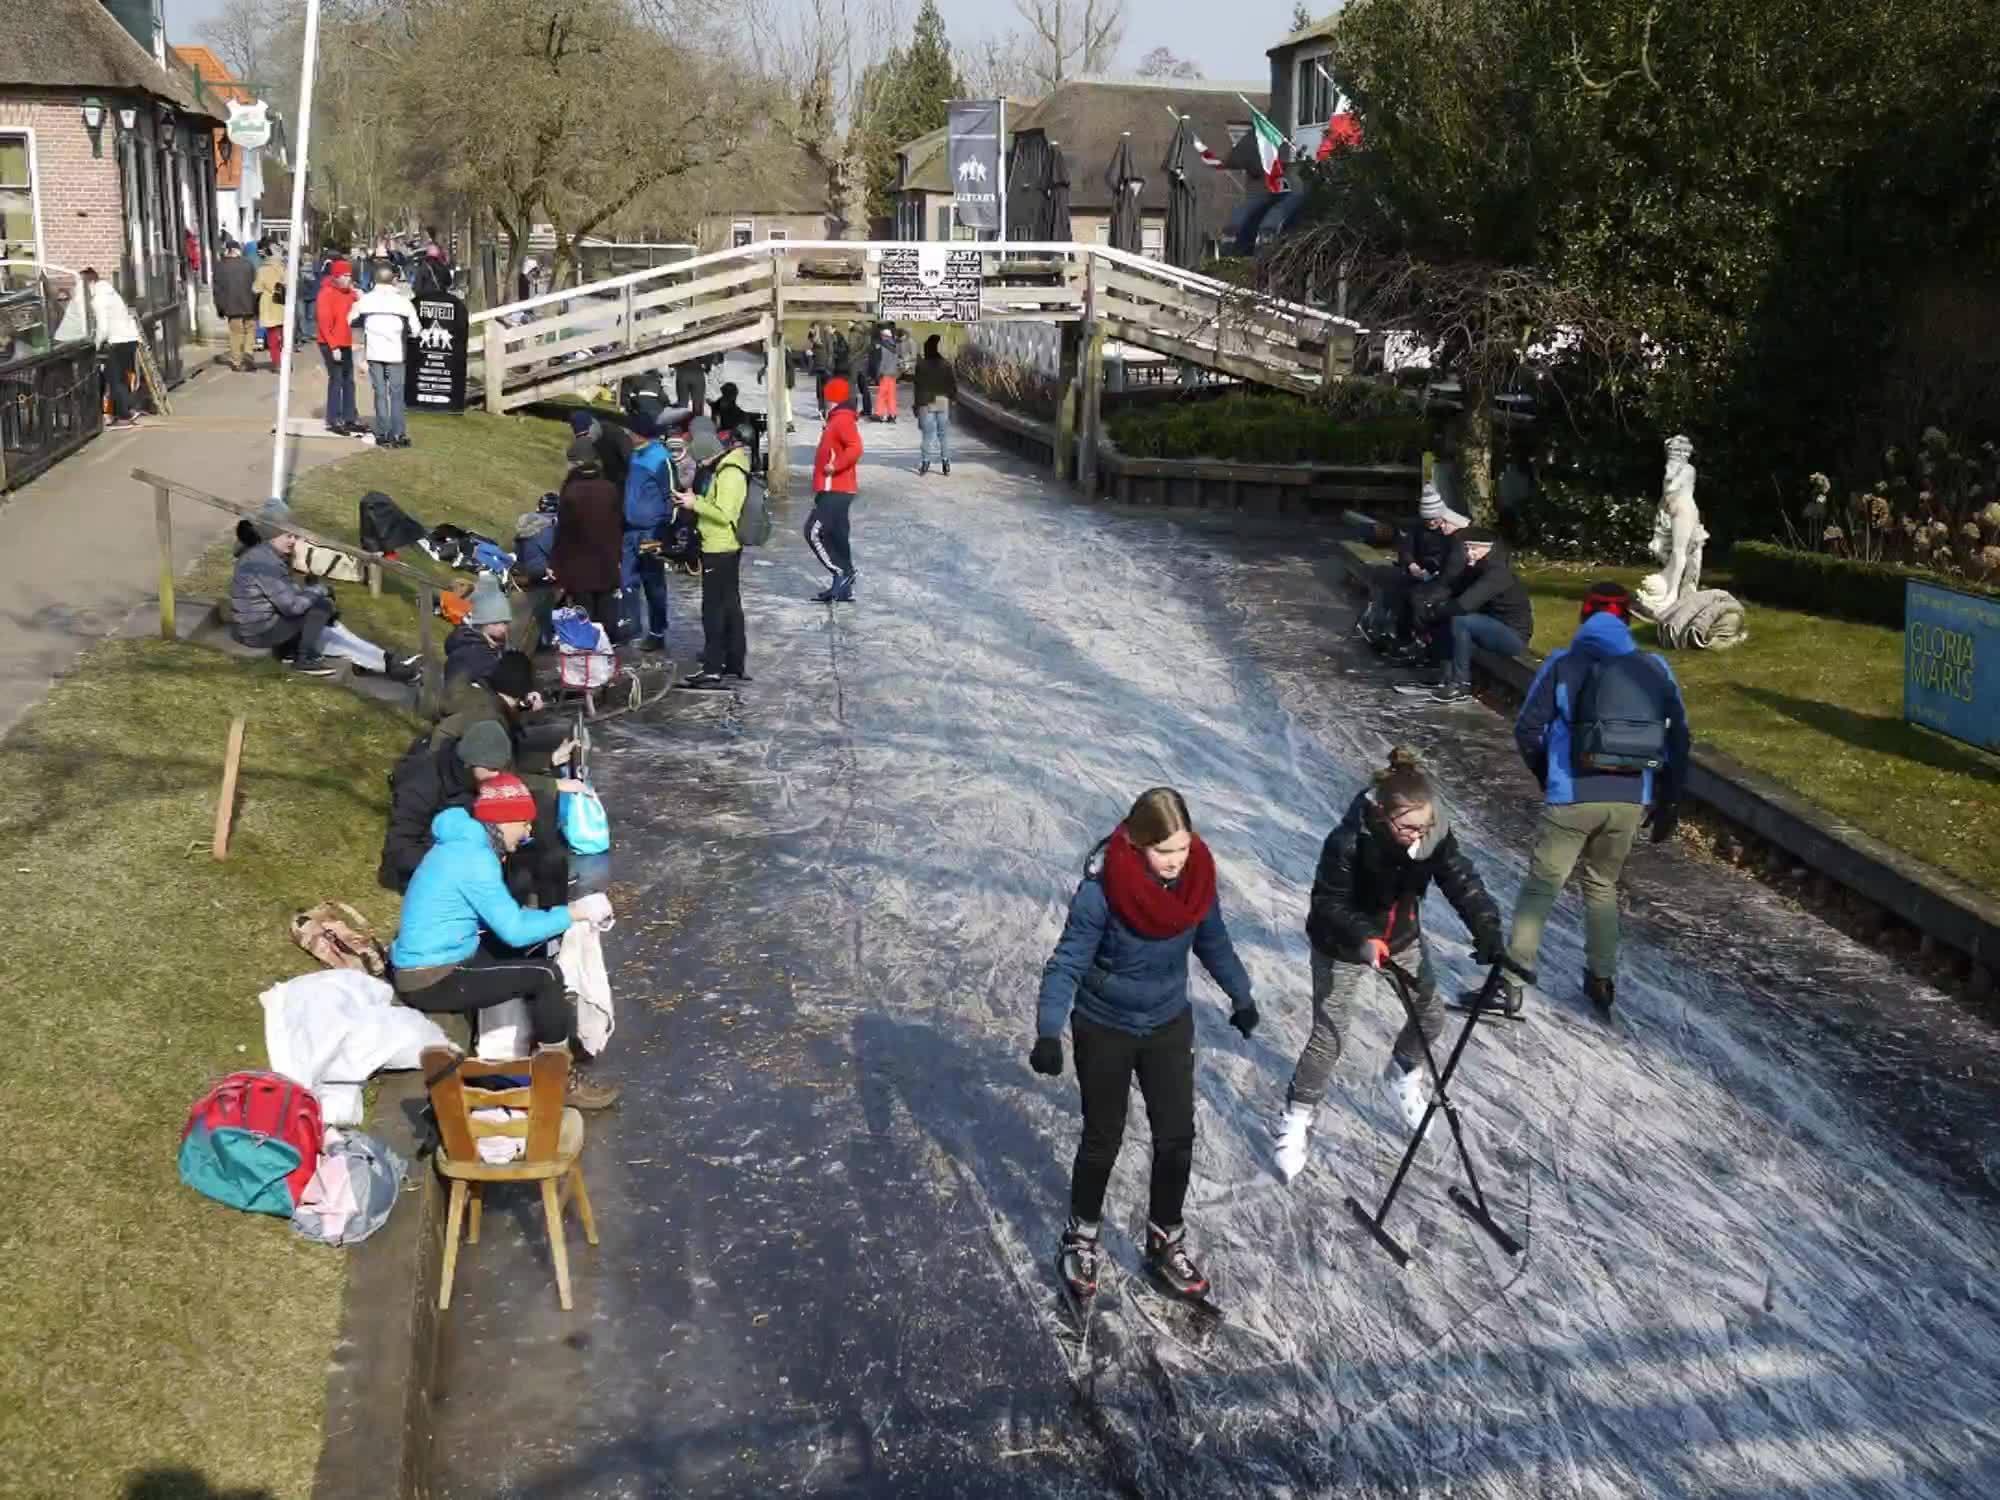 【冬令冰上羊角村⛸️⛸️】 把握住冷氣團帶來的結冰效應, 在冷,把自己綁一綁,還是要出門溜冰。 頂著零下3~5溫度低溫,可以站在河上拍照, 機會非常難得.... 記得,上一次是2012年。